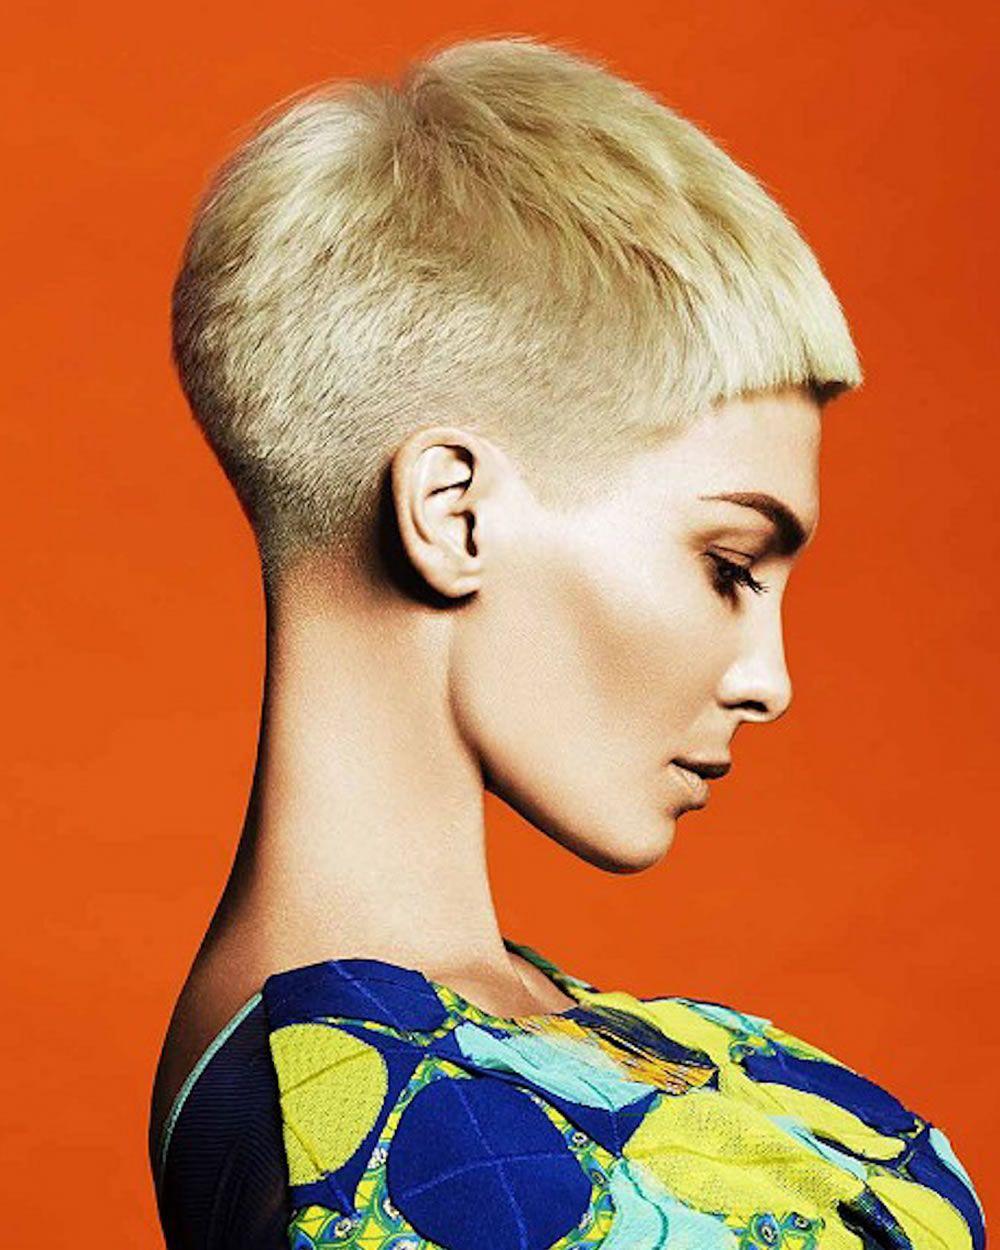 Russische Frauen Kurzhaarschnitte Und Frisuren Fur 2018 Kurzhaarschnitte Kurze Haare Styling Fur Kurze Haare